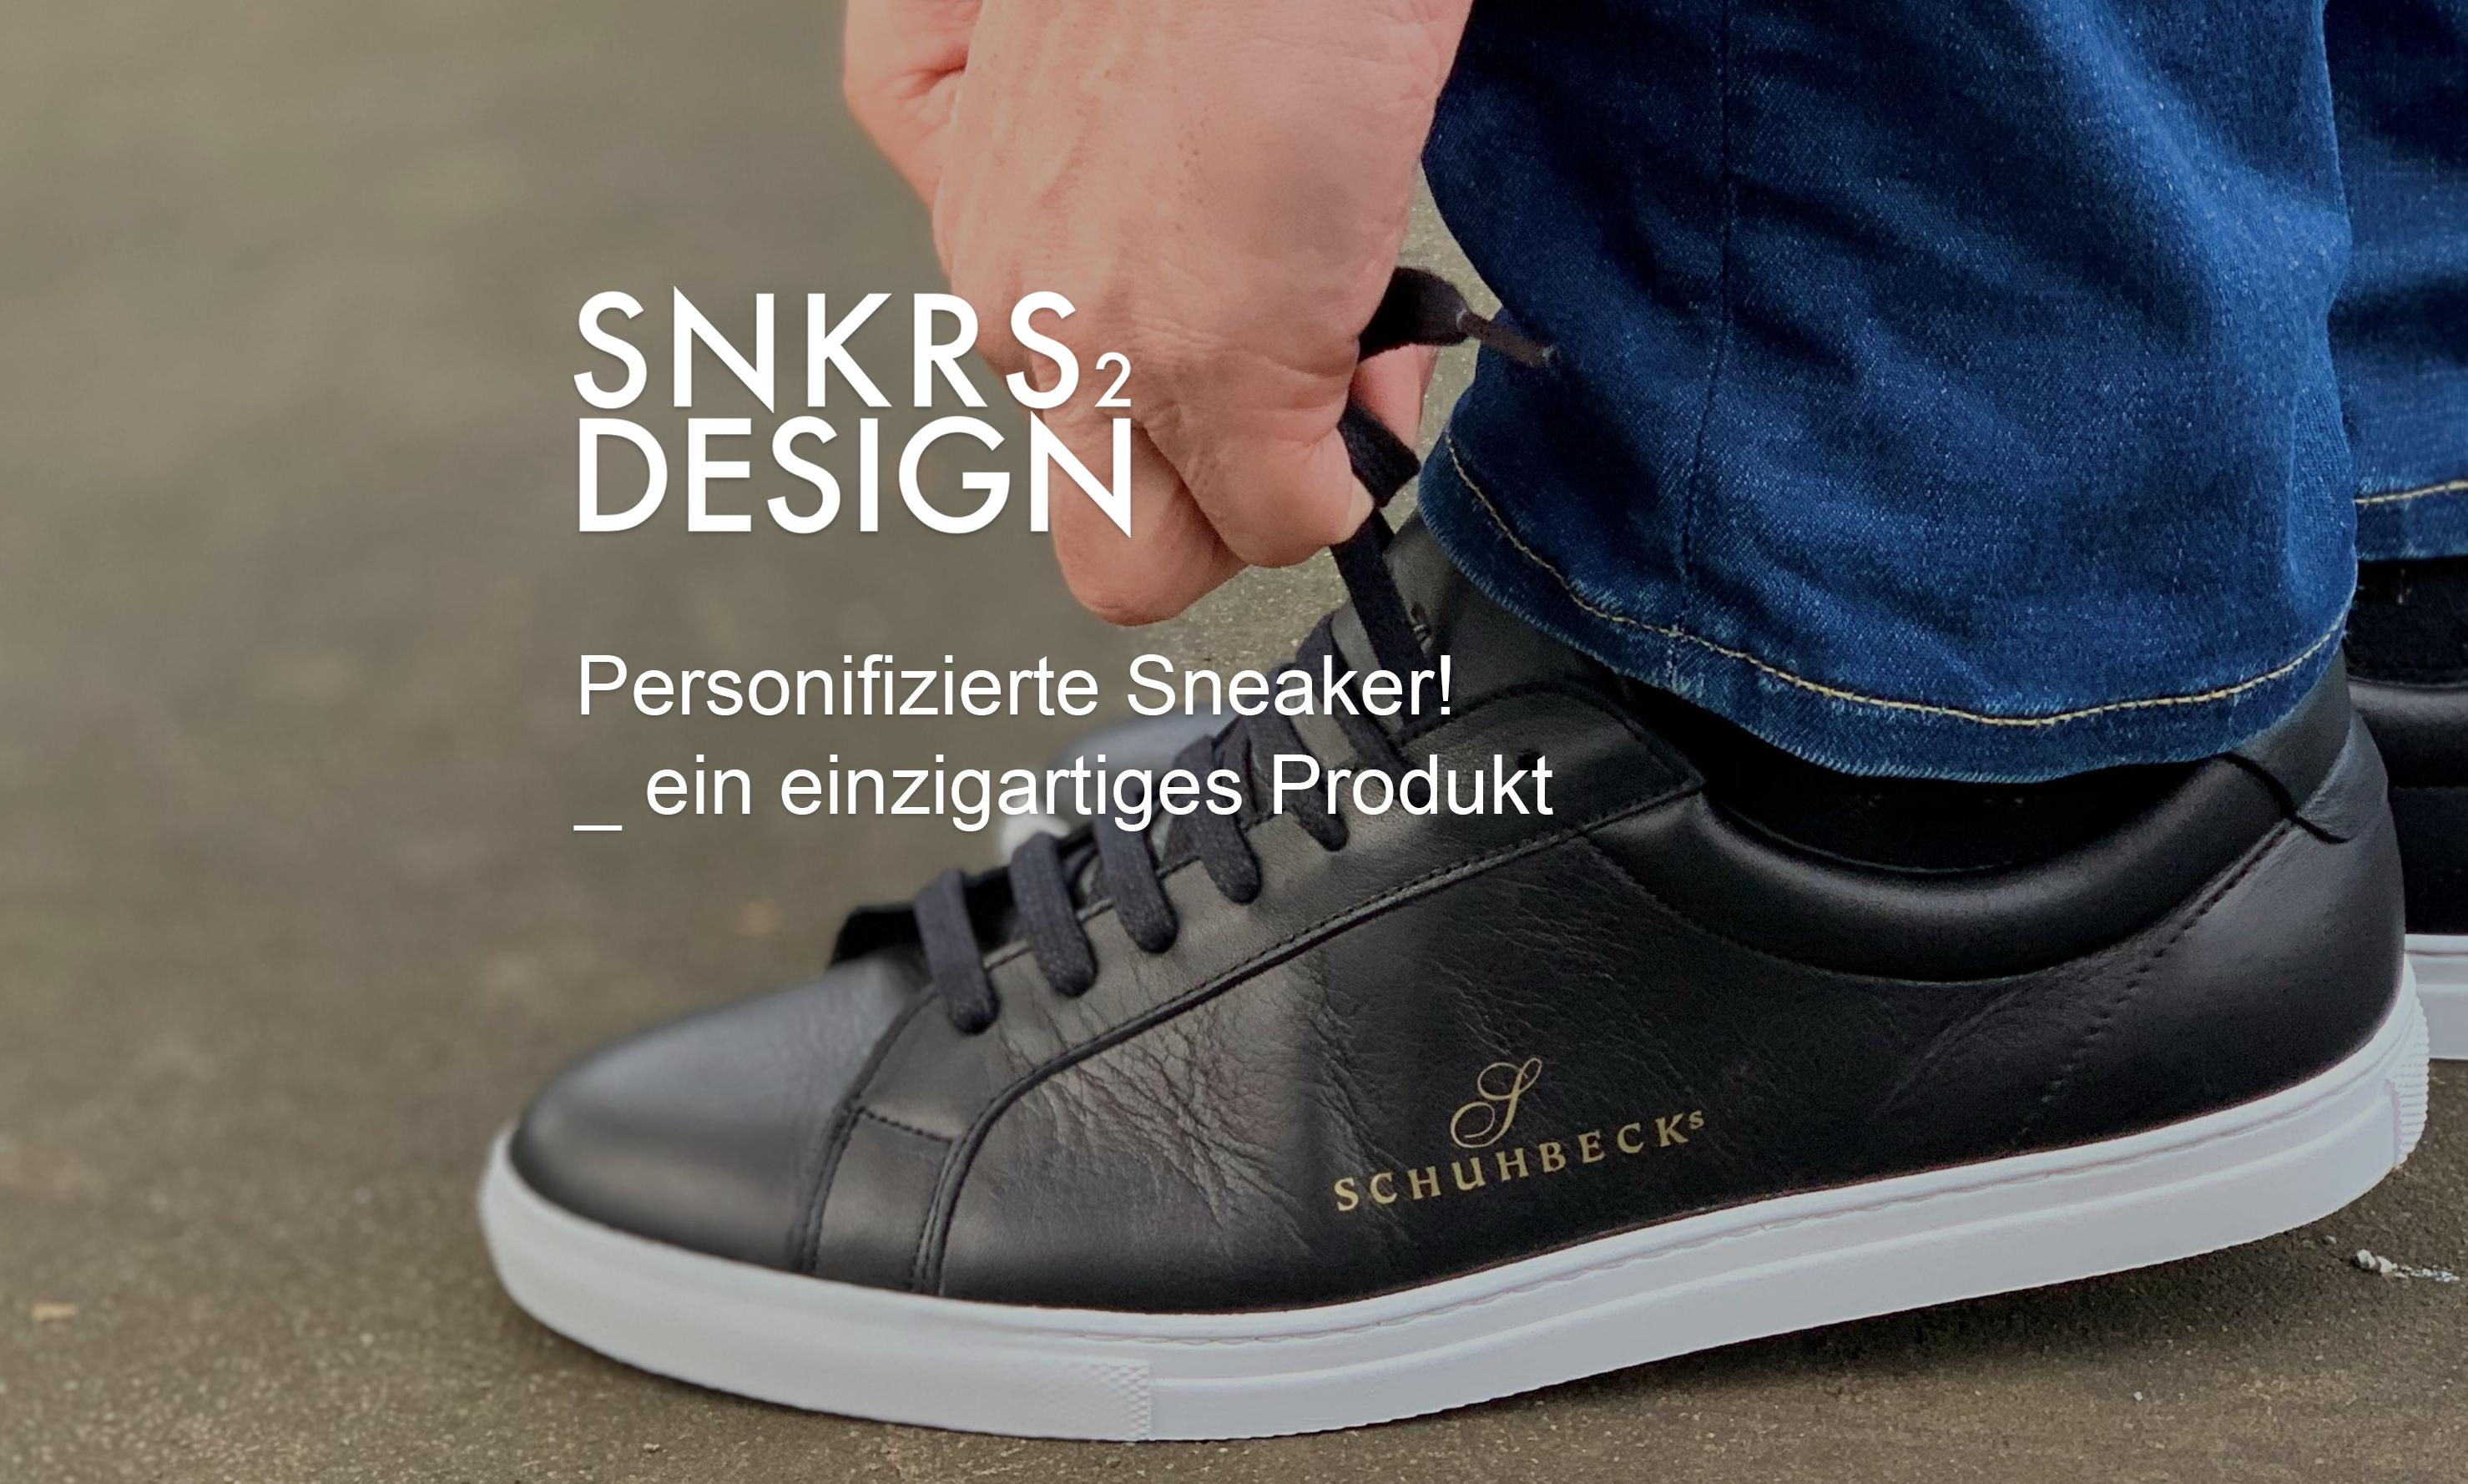 Schuhbecks Team-Sneaker für die Sterne Gastronomie